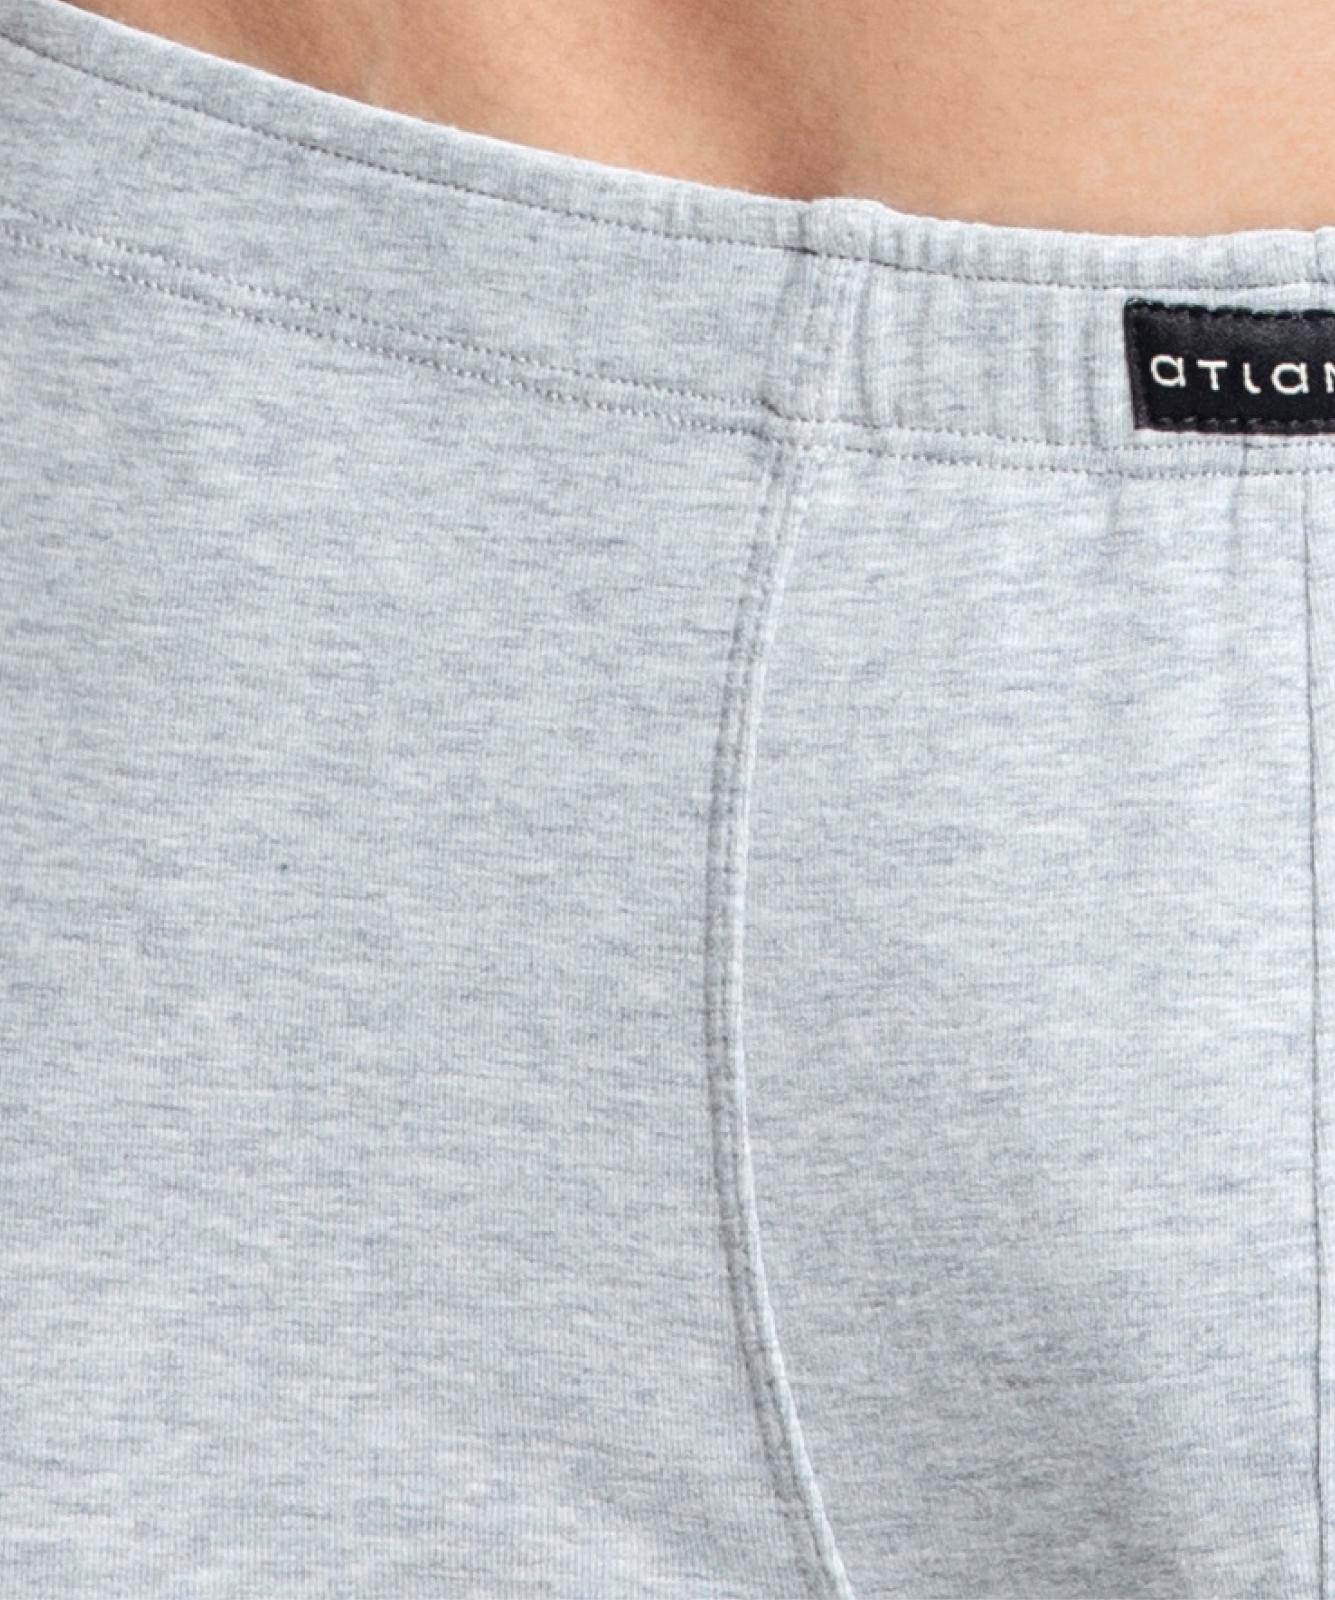 Мужские трусы шорты Atlantic, набор из 3 шт., хлопок, деним + серый меланж + темно-синие, 3MH-017